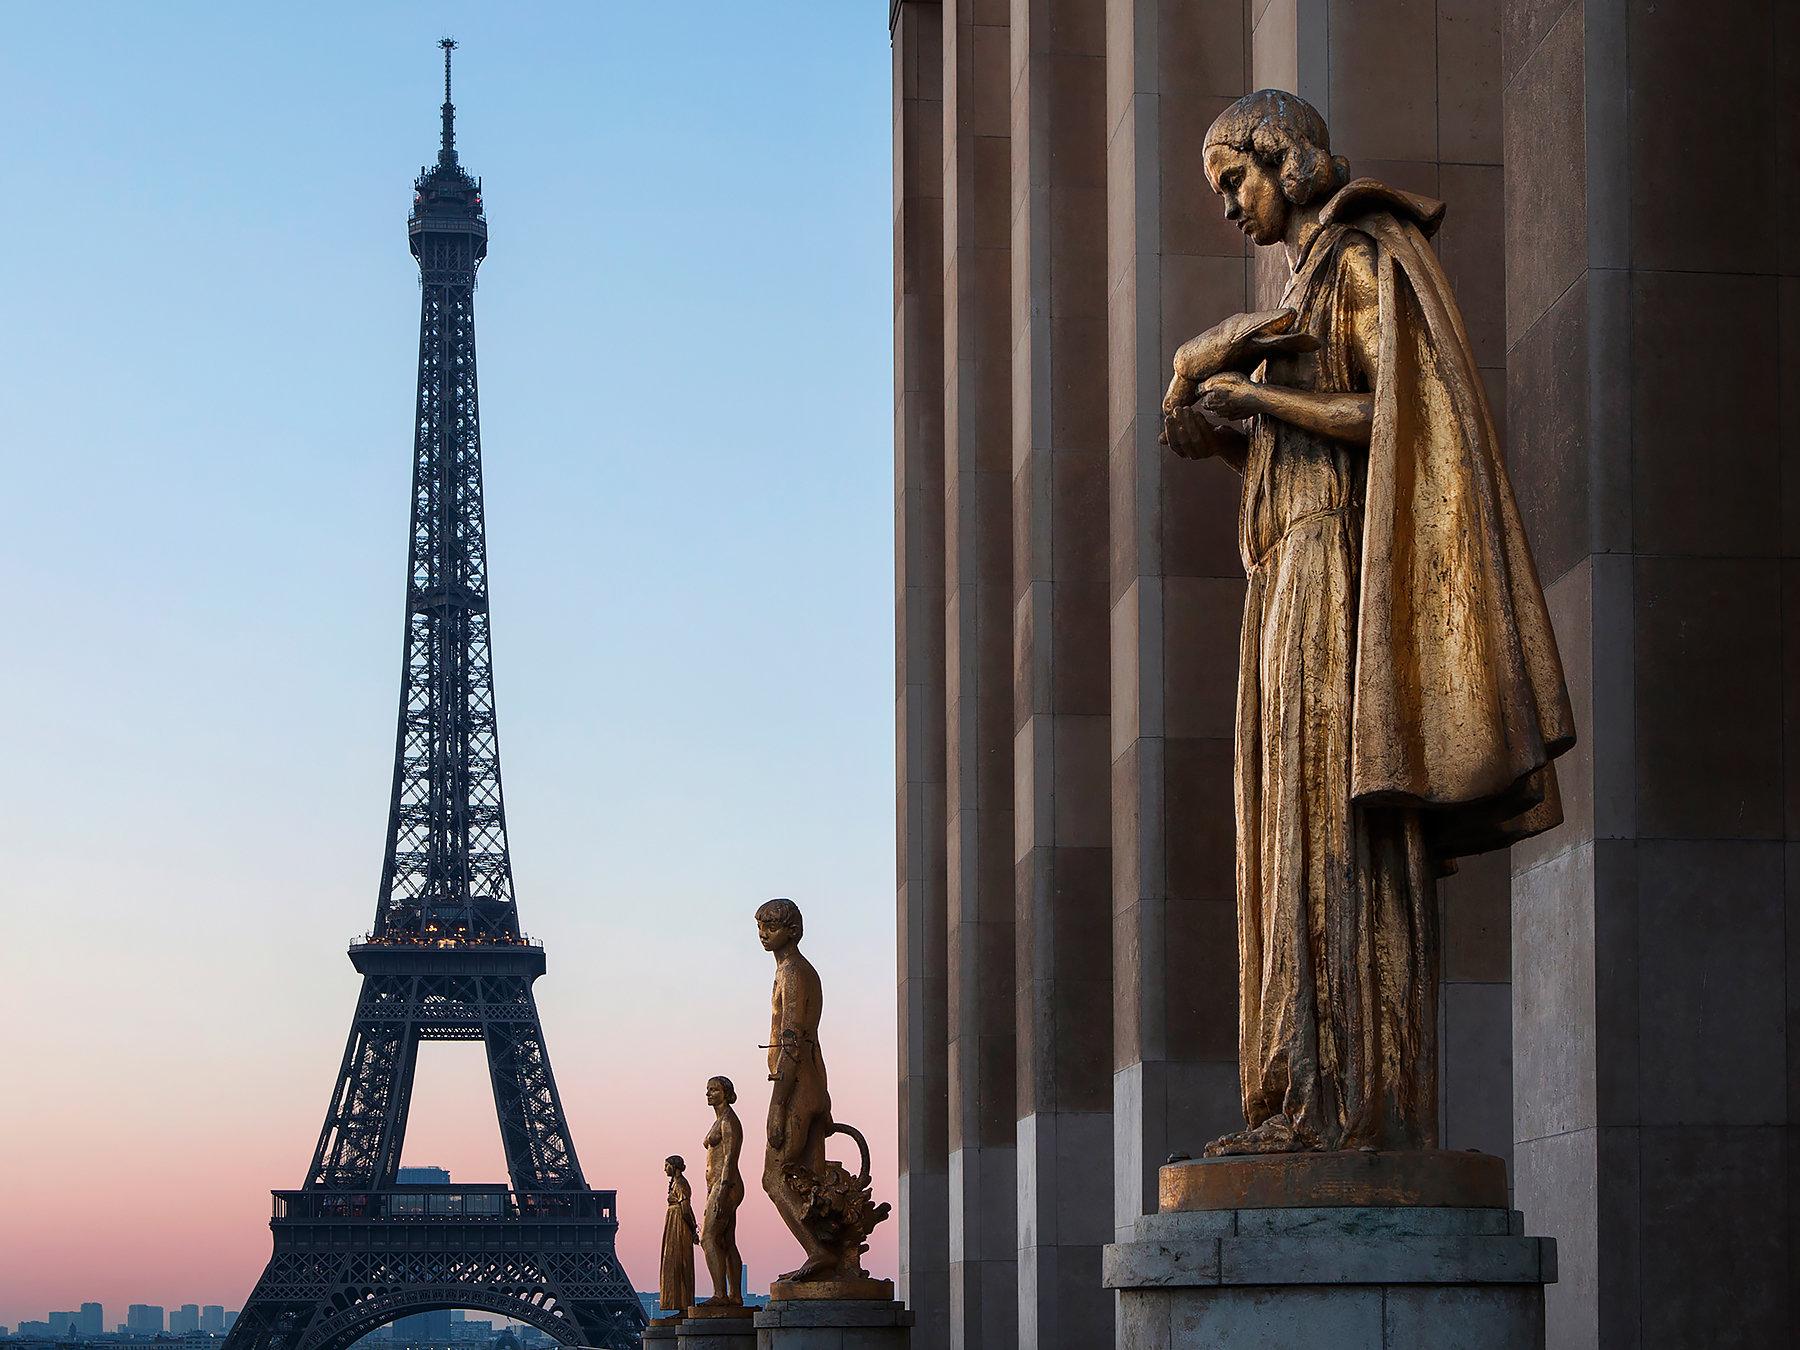 Paris: France